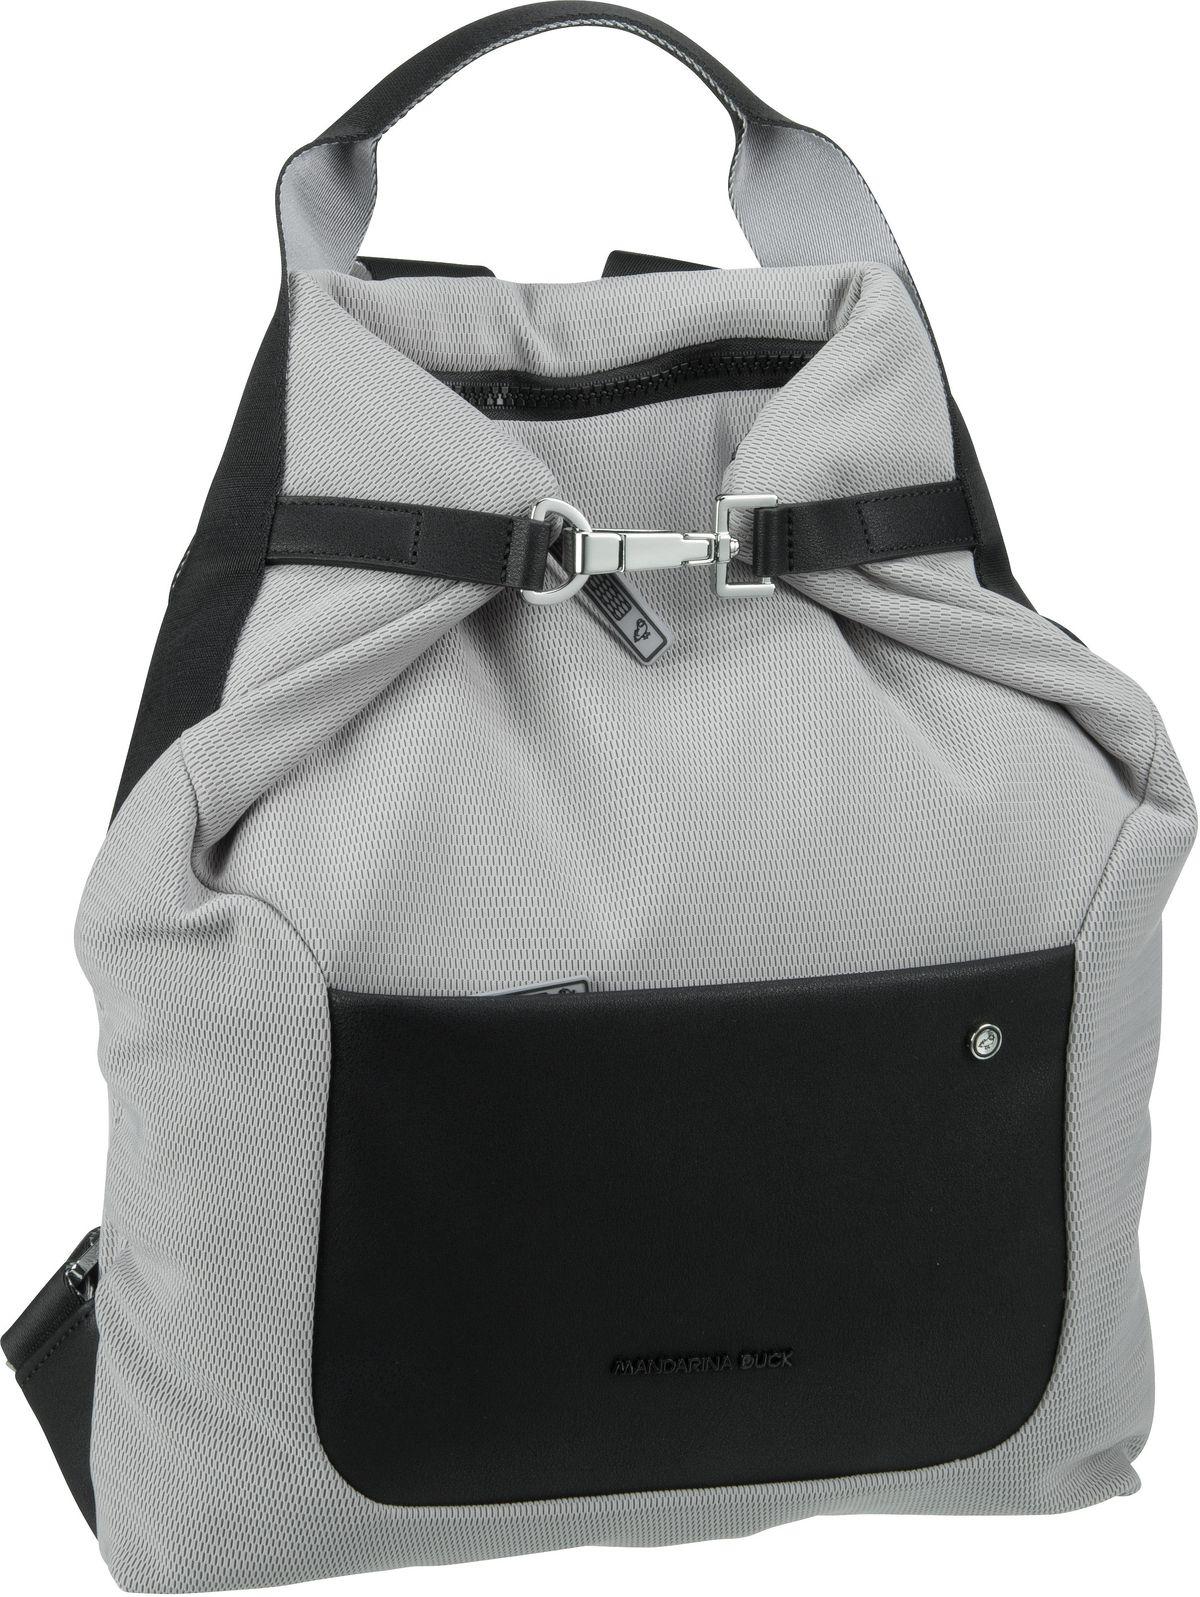 Rucksack / Daypack Camden Backpack VBT05 Silver